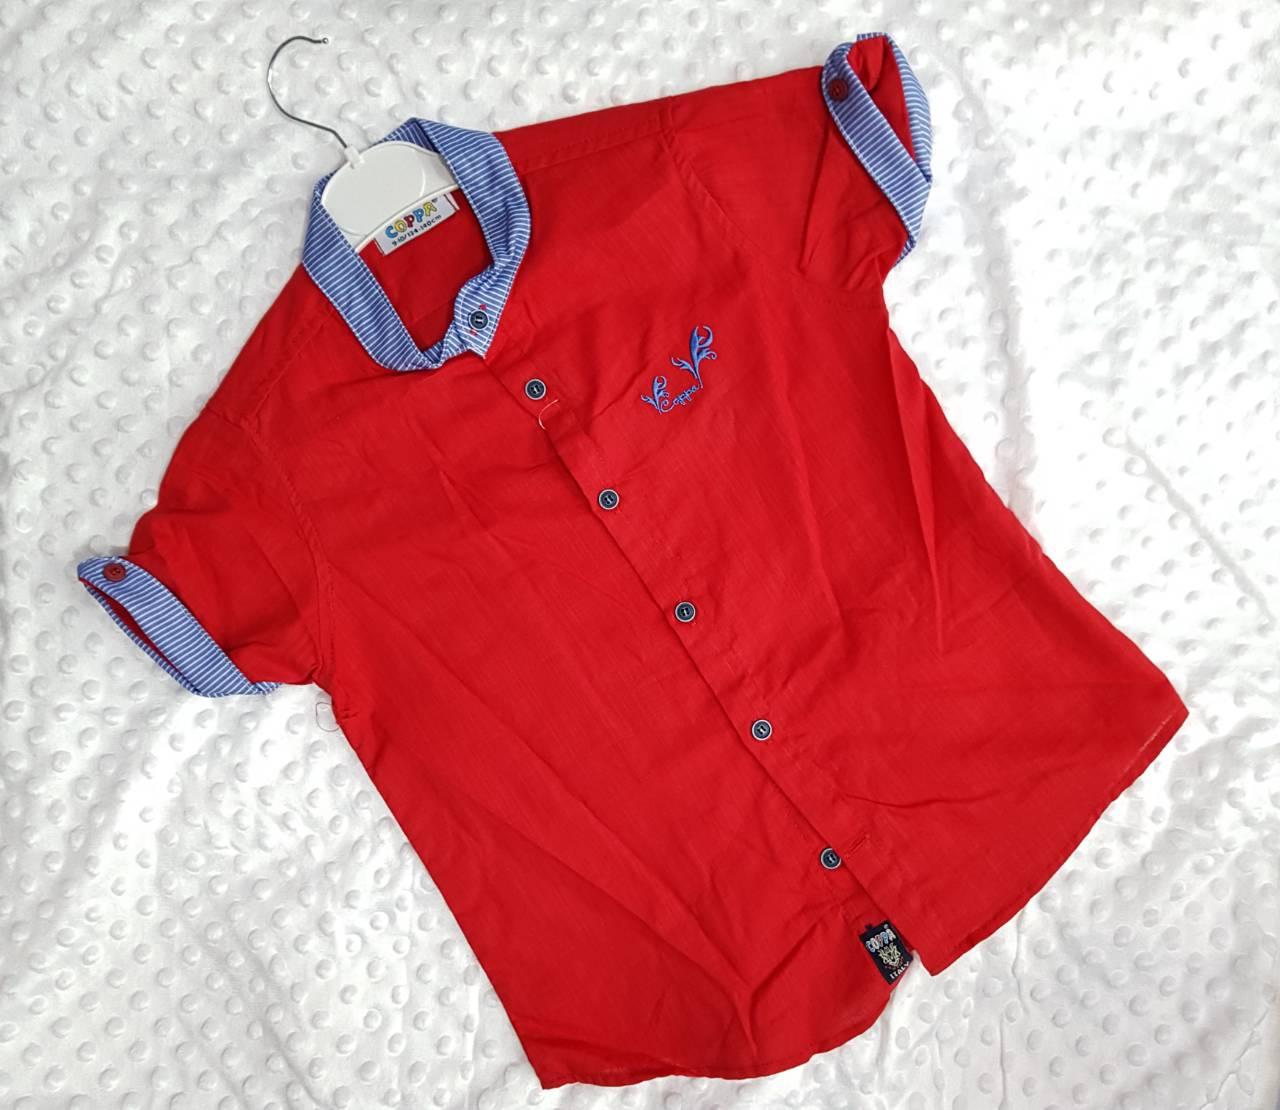 Рубашки детские на мальчика оптом 74910635 12-5